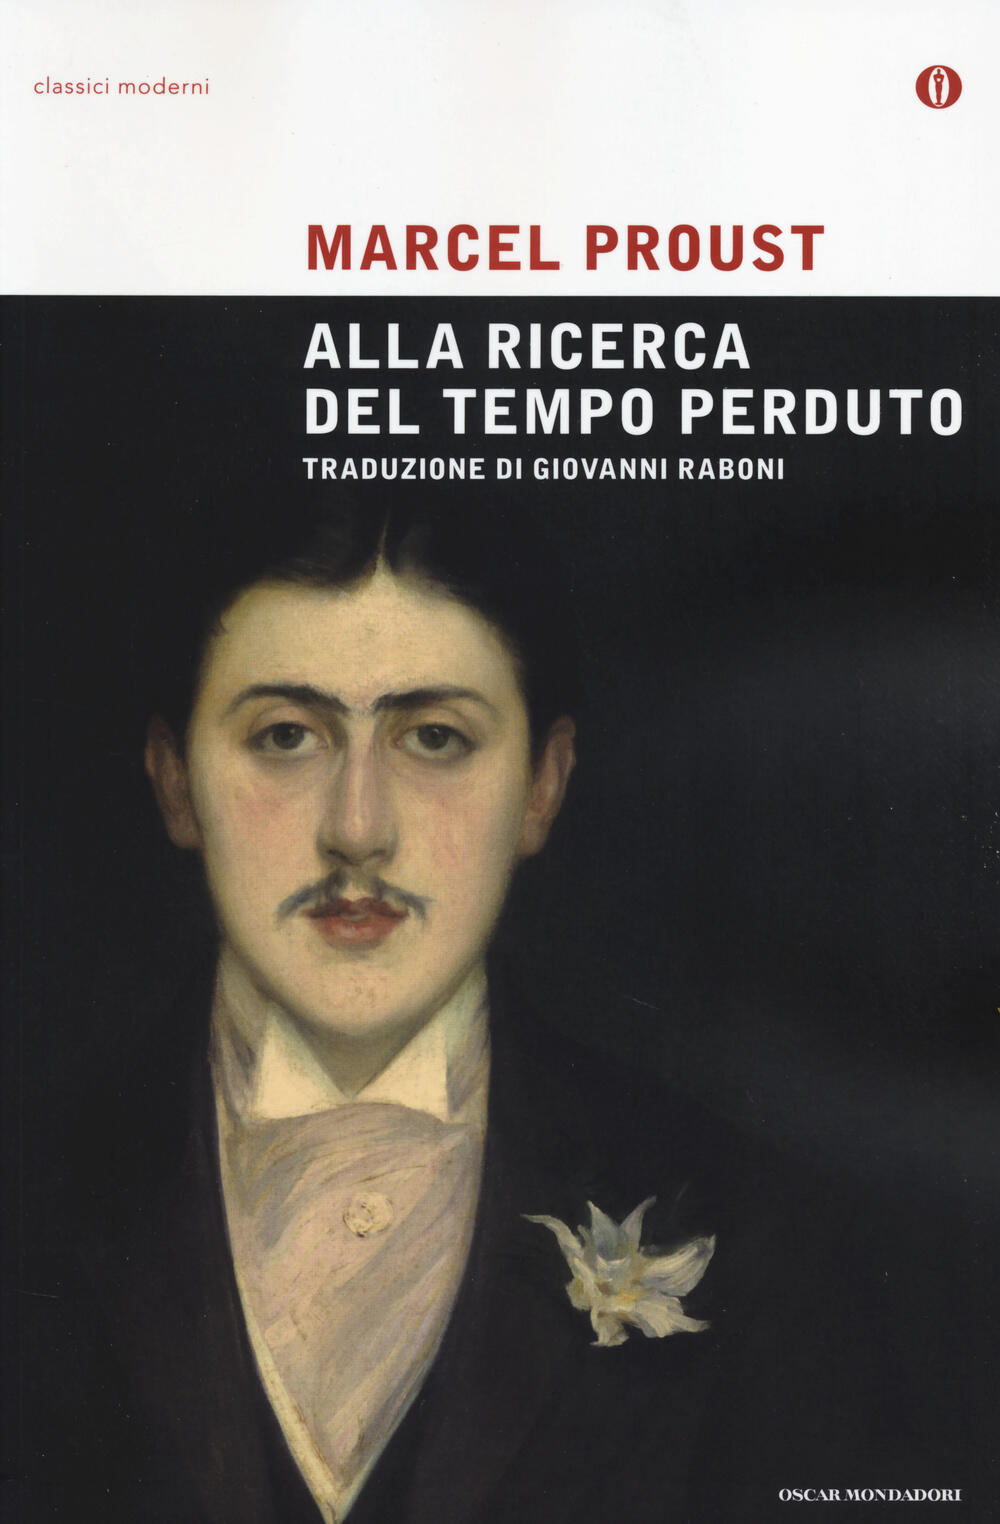 Alla ricerca del tempo perduto  Marcel Proust  Libro